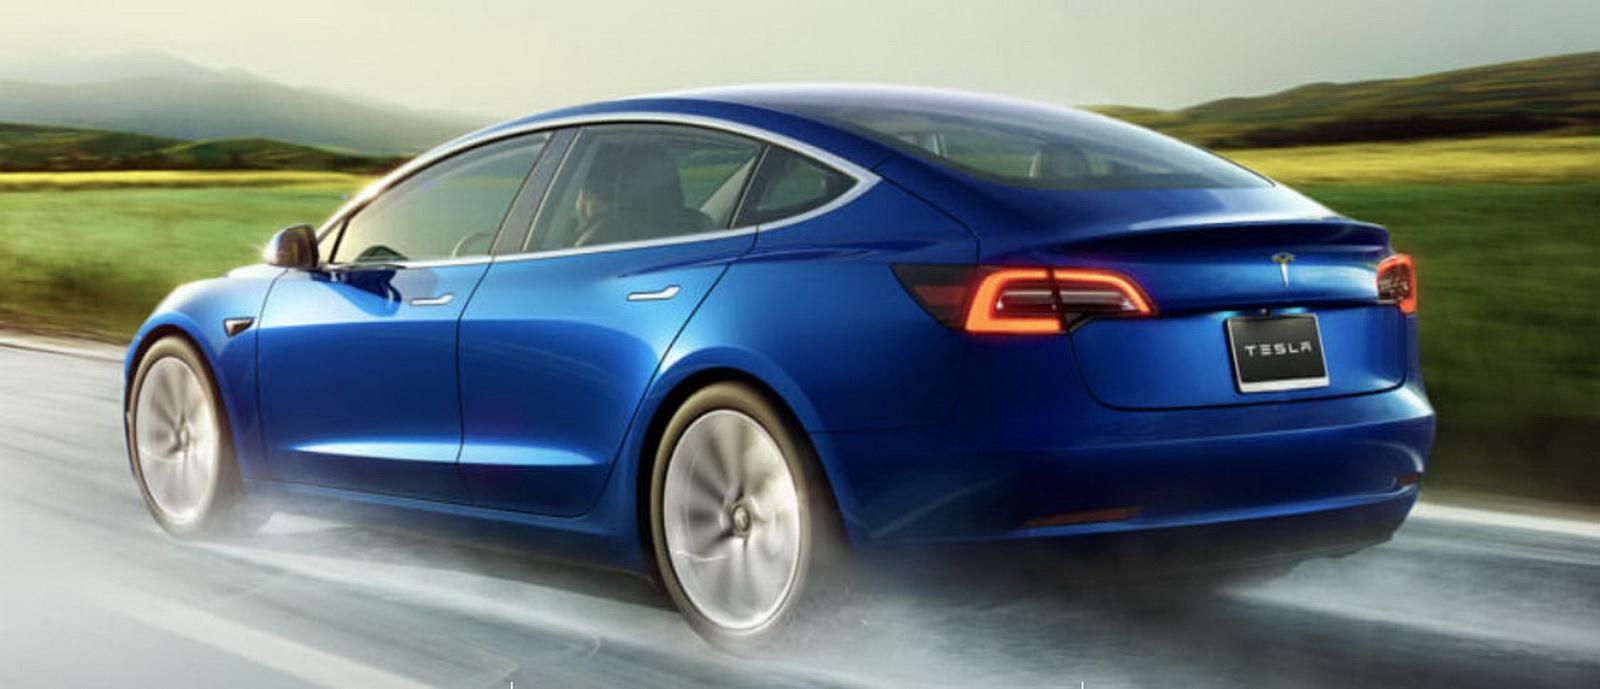 圖/擺脫疫情陰霾!Toyota RAV4強勢奪冠、Tesla Model 3滿血回歸。